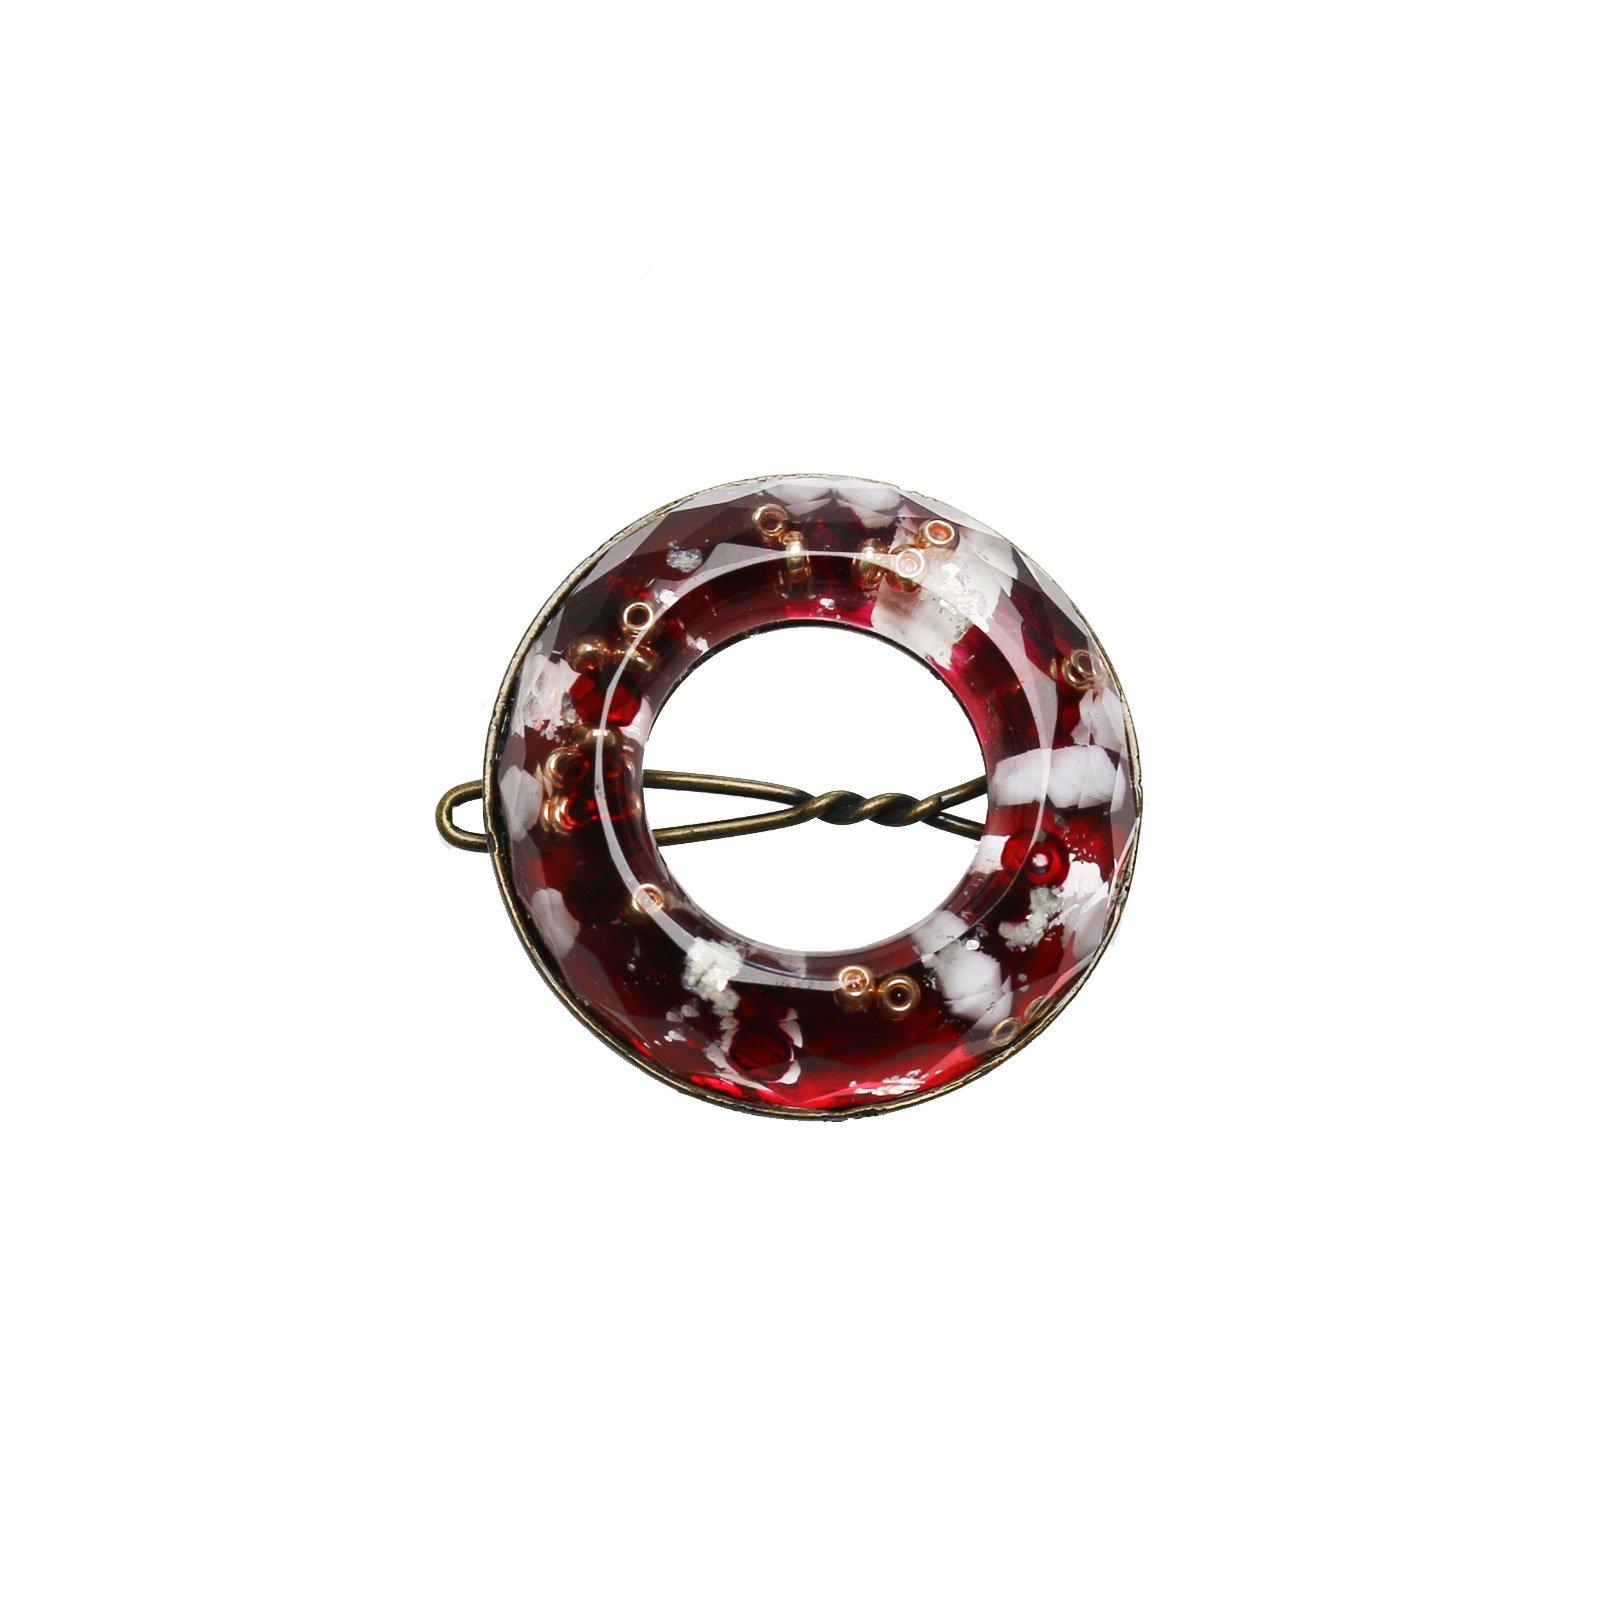 Tamarusan Hair Clip Hairpin Red Beads Hair Ornament Hair Accessory